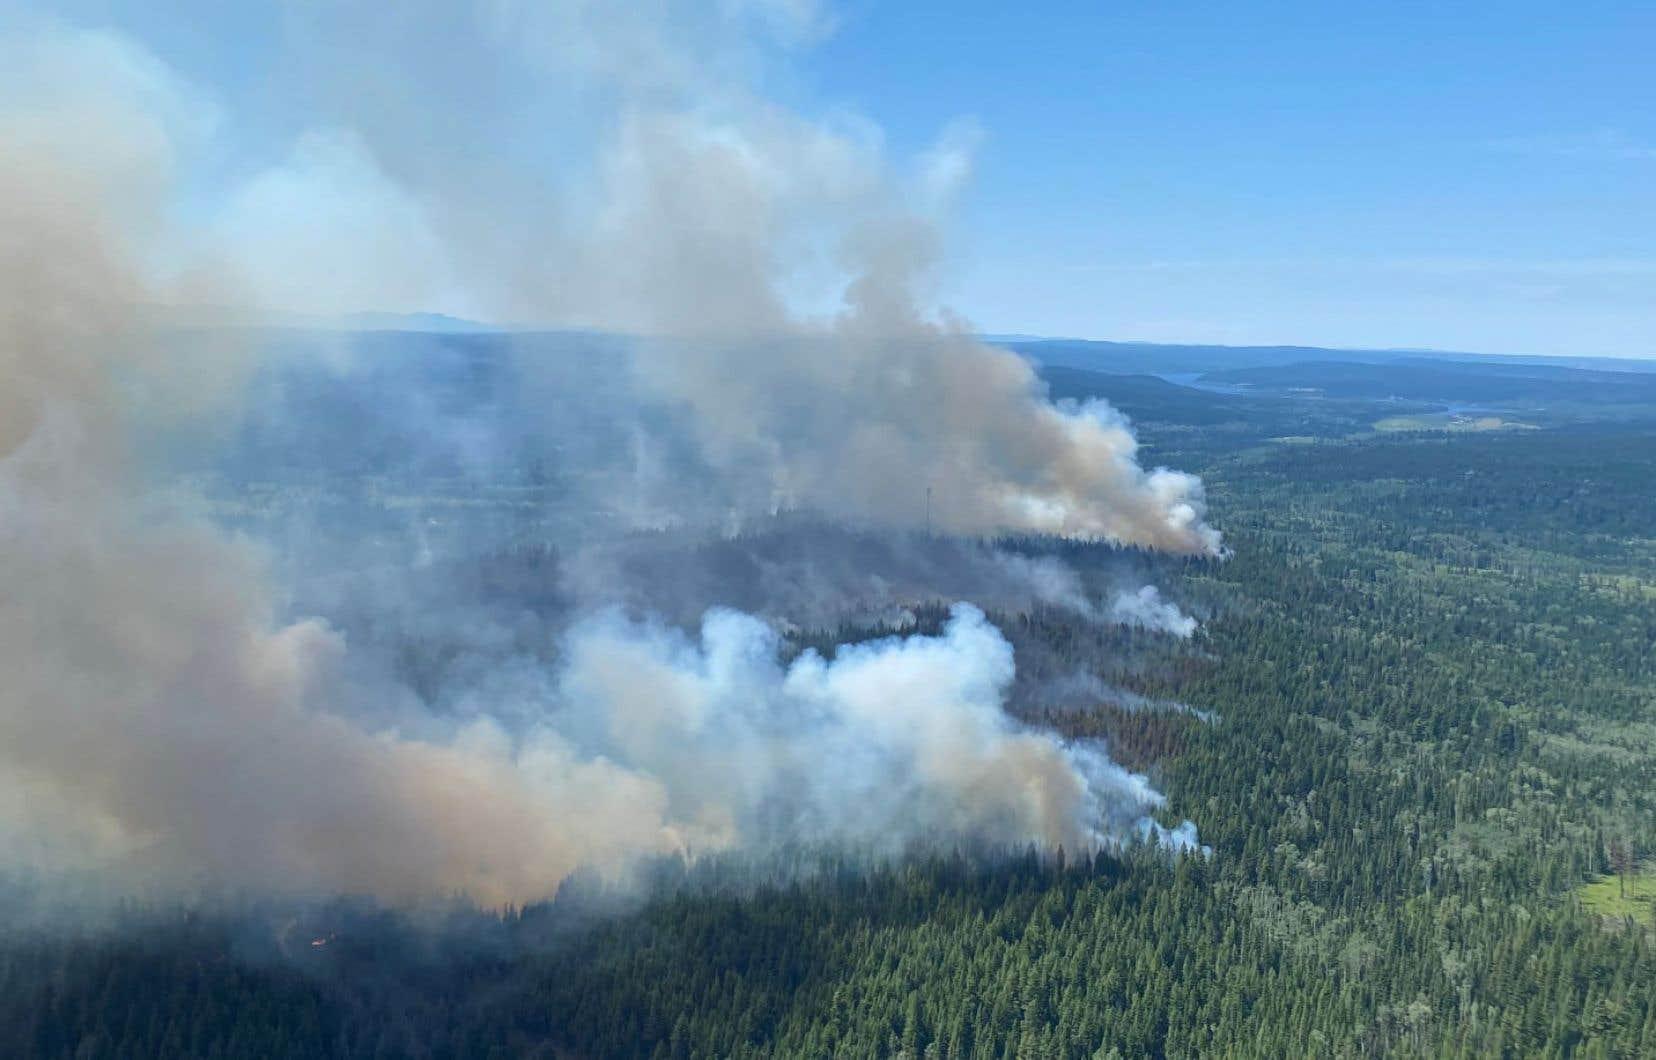 «Je ne peux qu'insister sur le fait que le risque d'incendie est actuellement extrême dans presque toutes les régions de la Colombie-Britannique et j'exhorte les Britanno-Colombiens à écouter attentivement les autorités et à suivre les directives», a prié le premier ministre de la province, John Horgan.